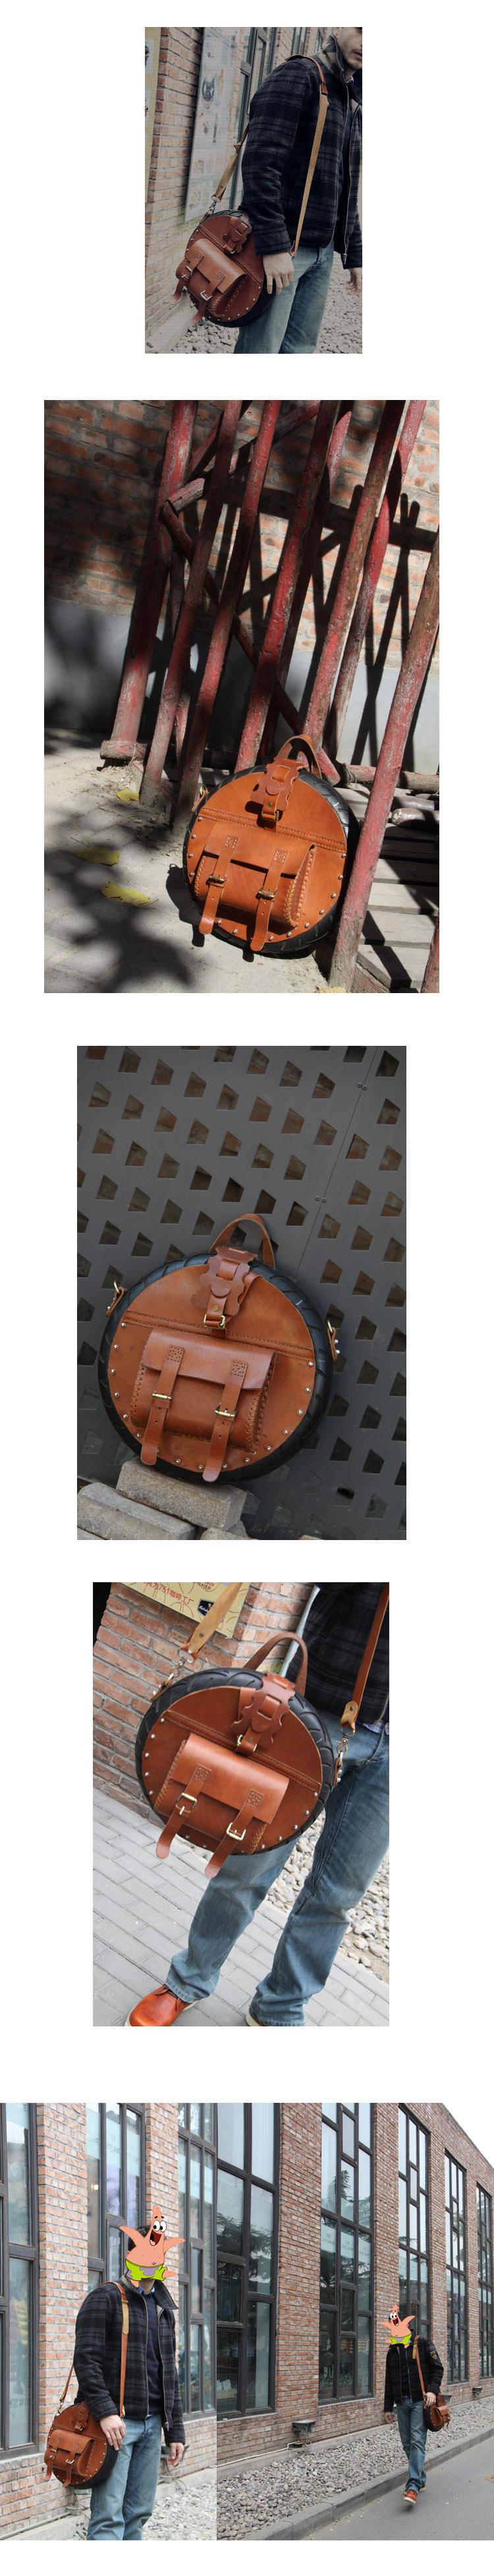 Men's Custom Handmade Unique Leather Circular Satchel